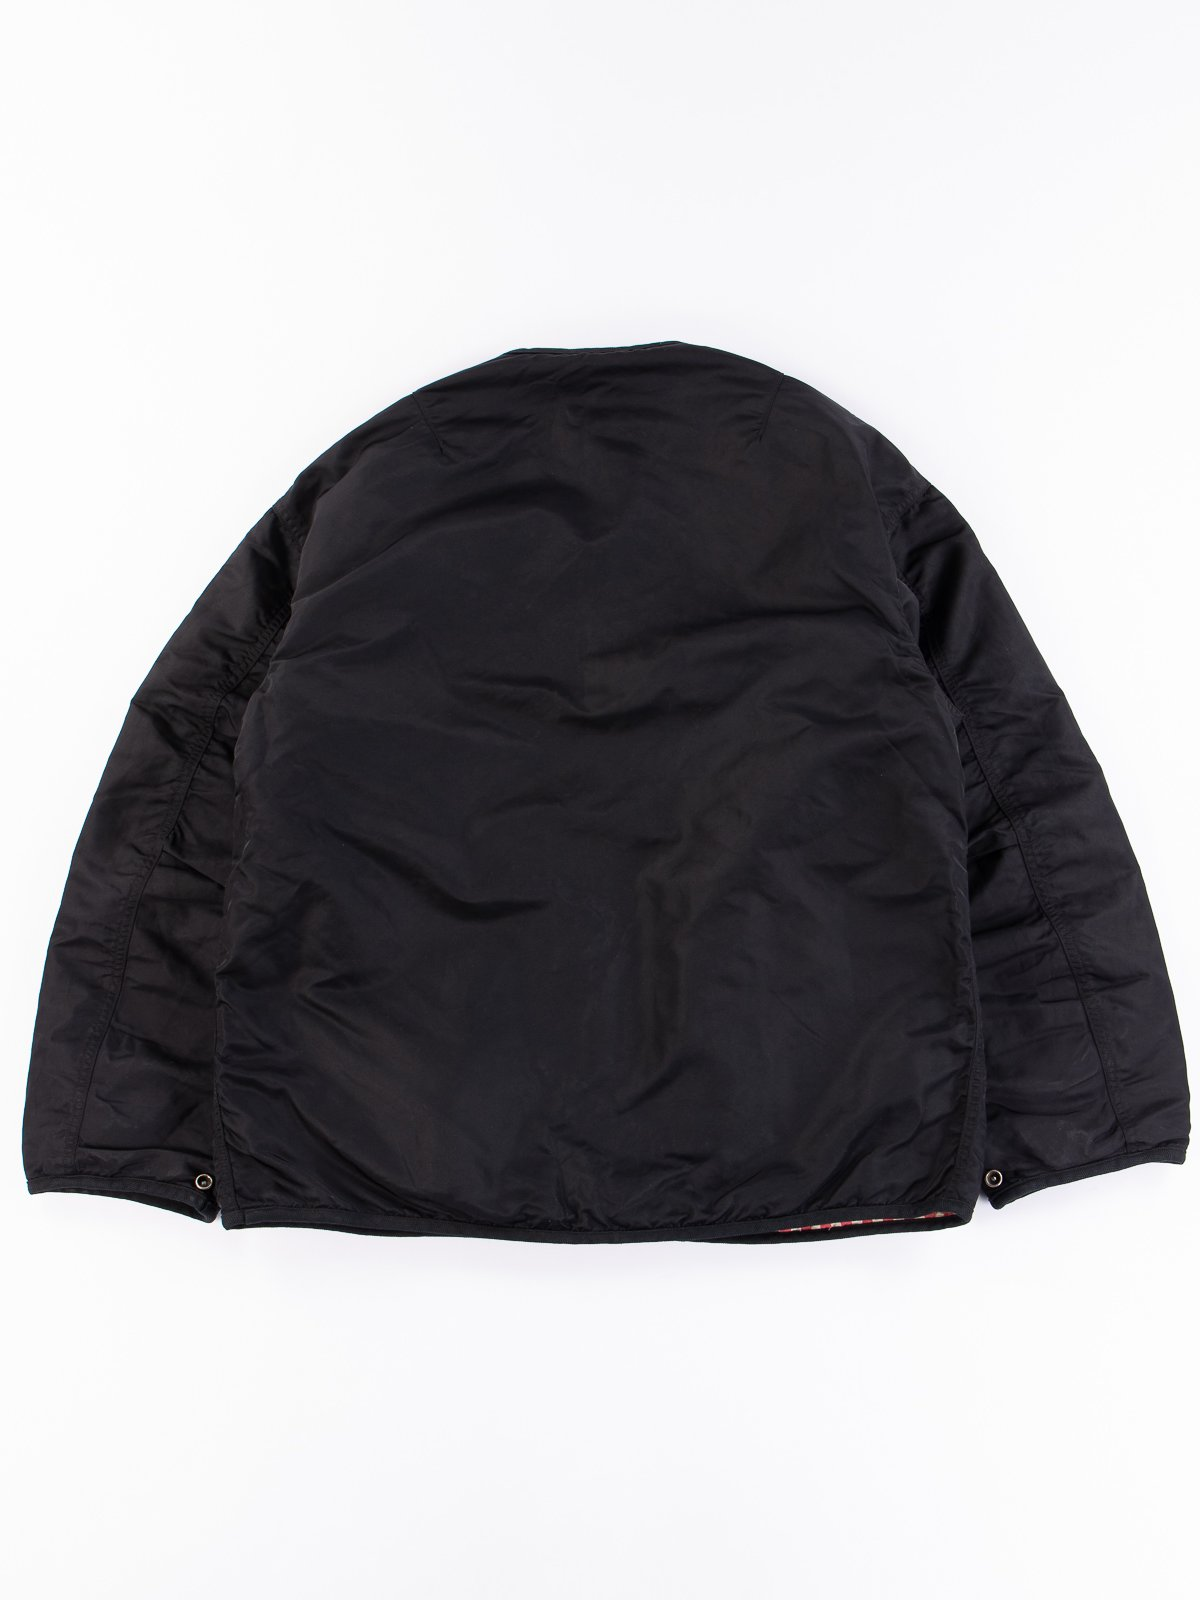 Black Iris Liner Jacket - Image 5